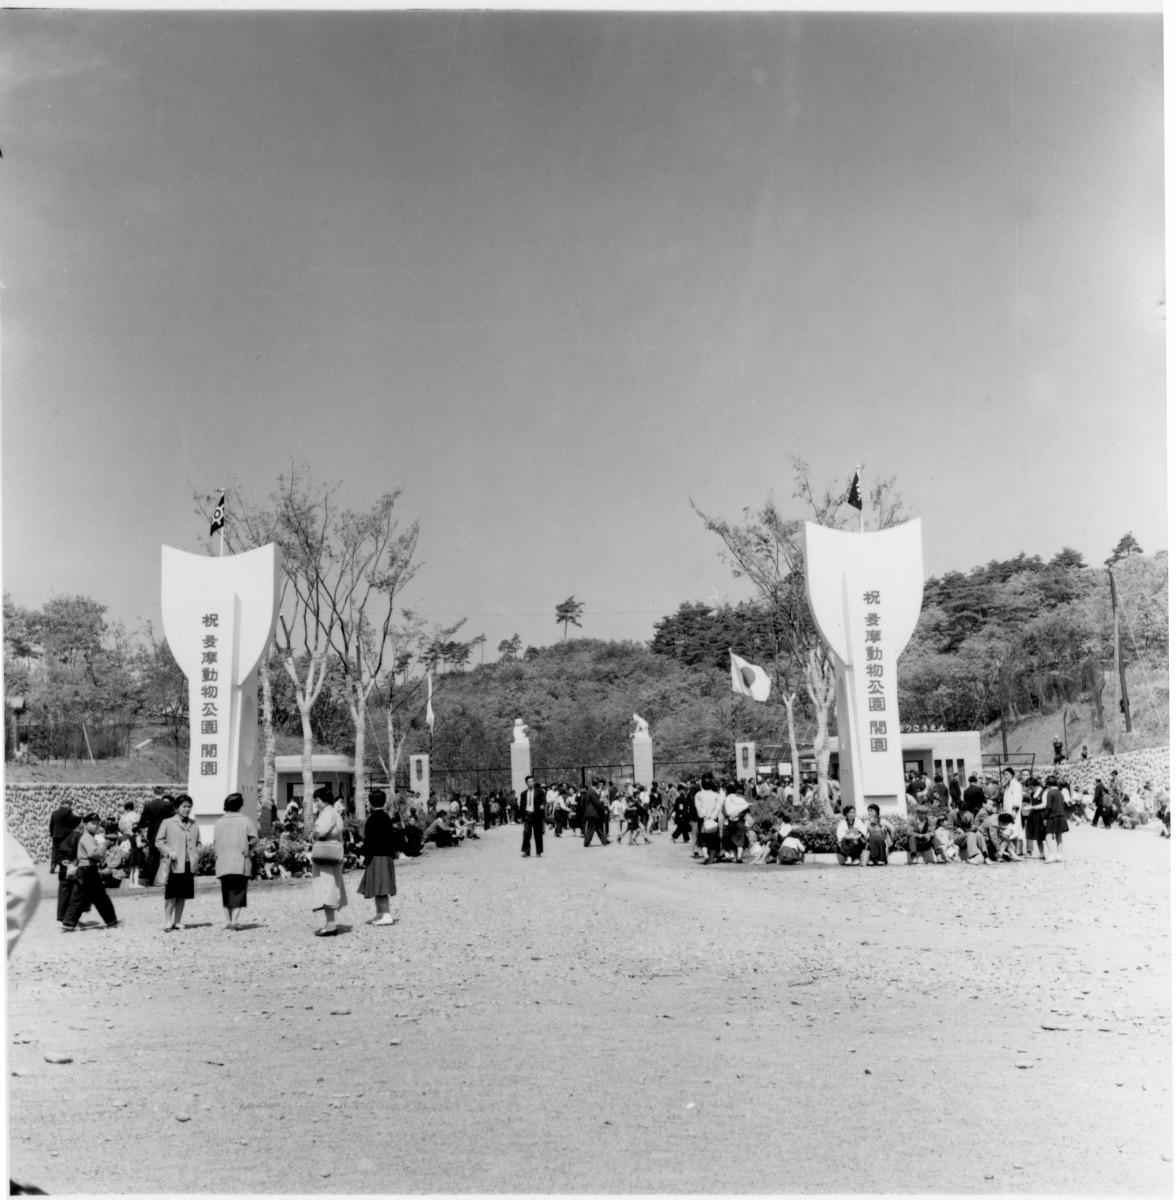 開園日の正門風景